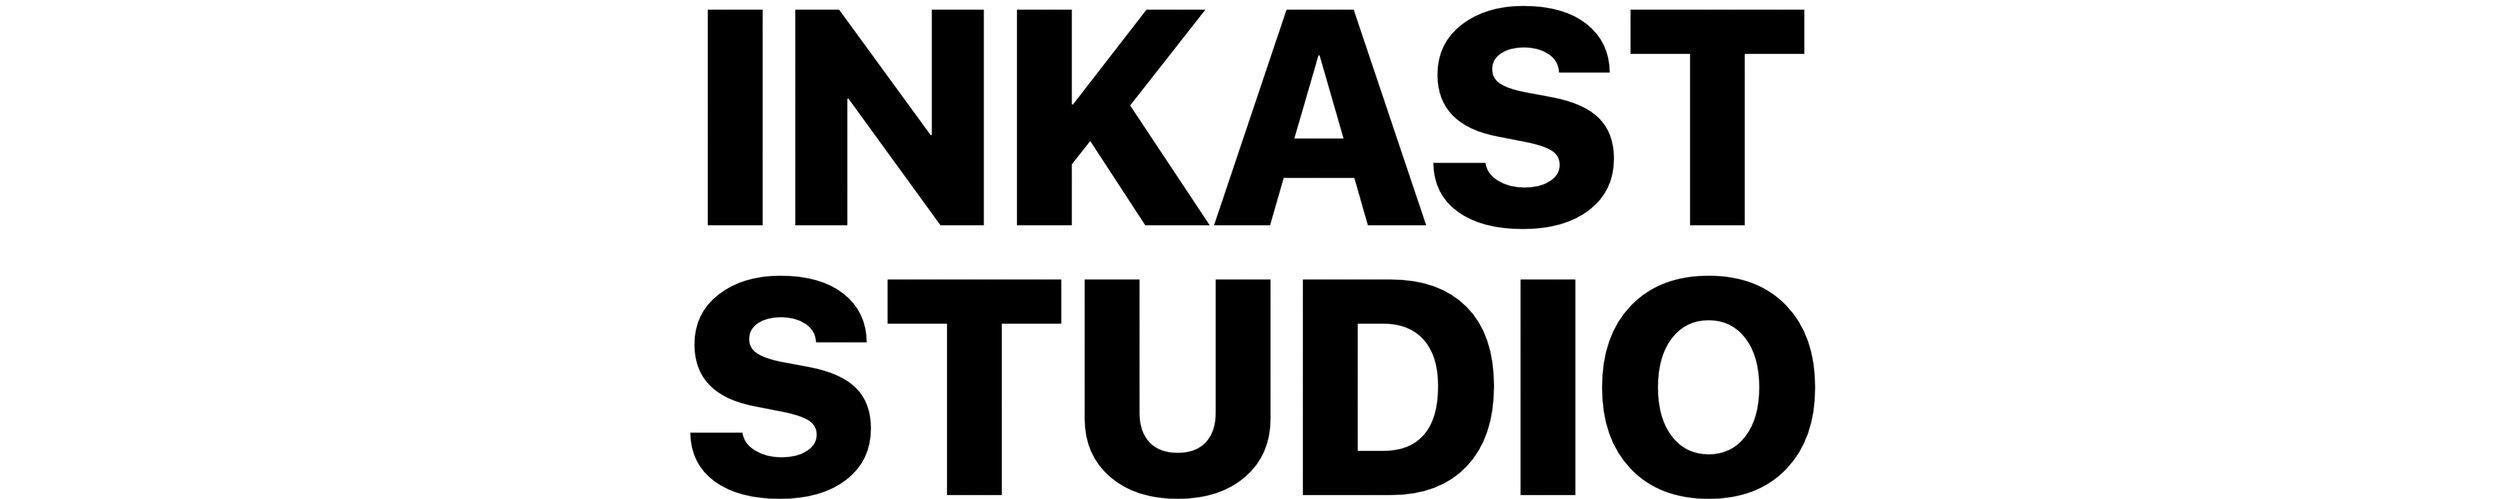 inkast_logo_for_footer.jpg